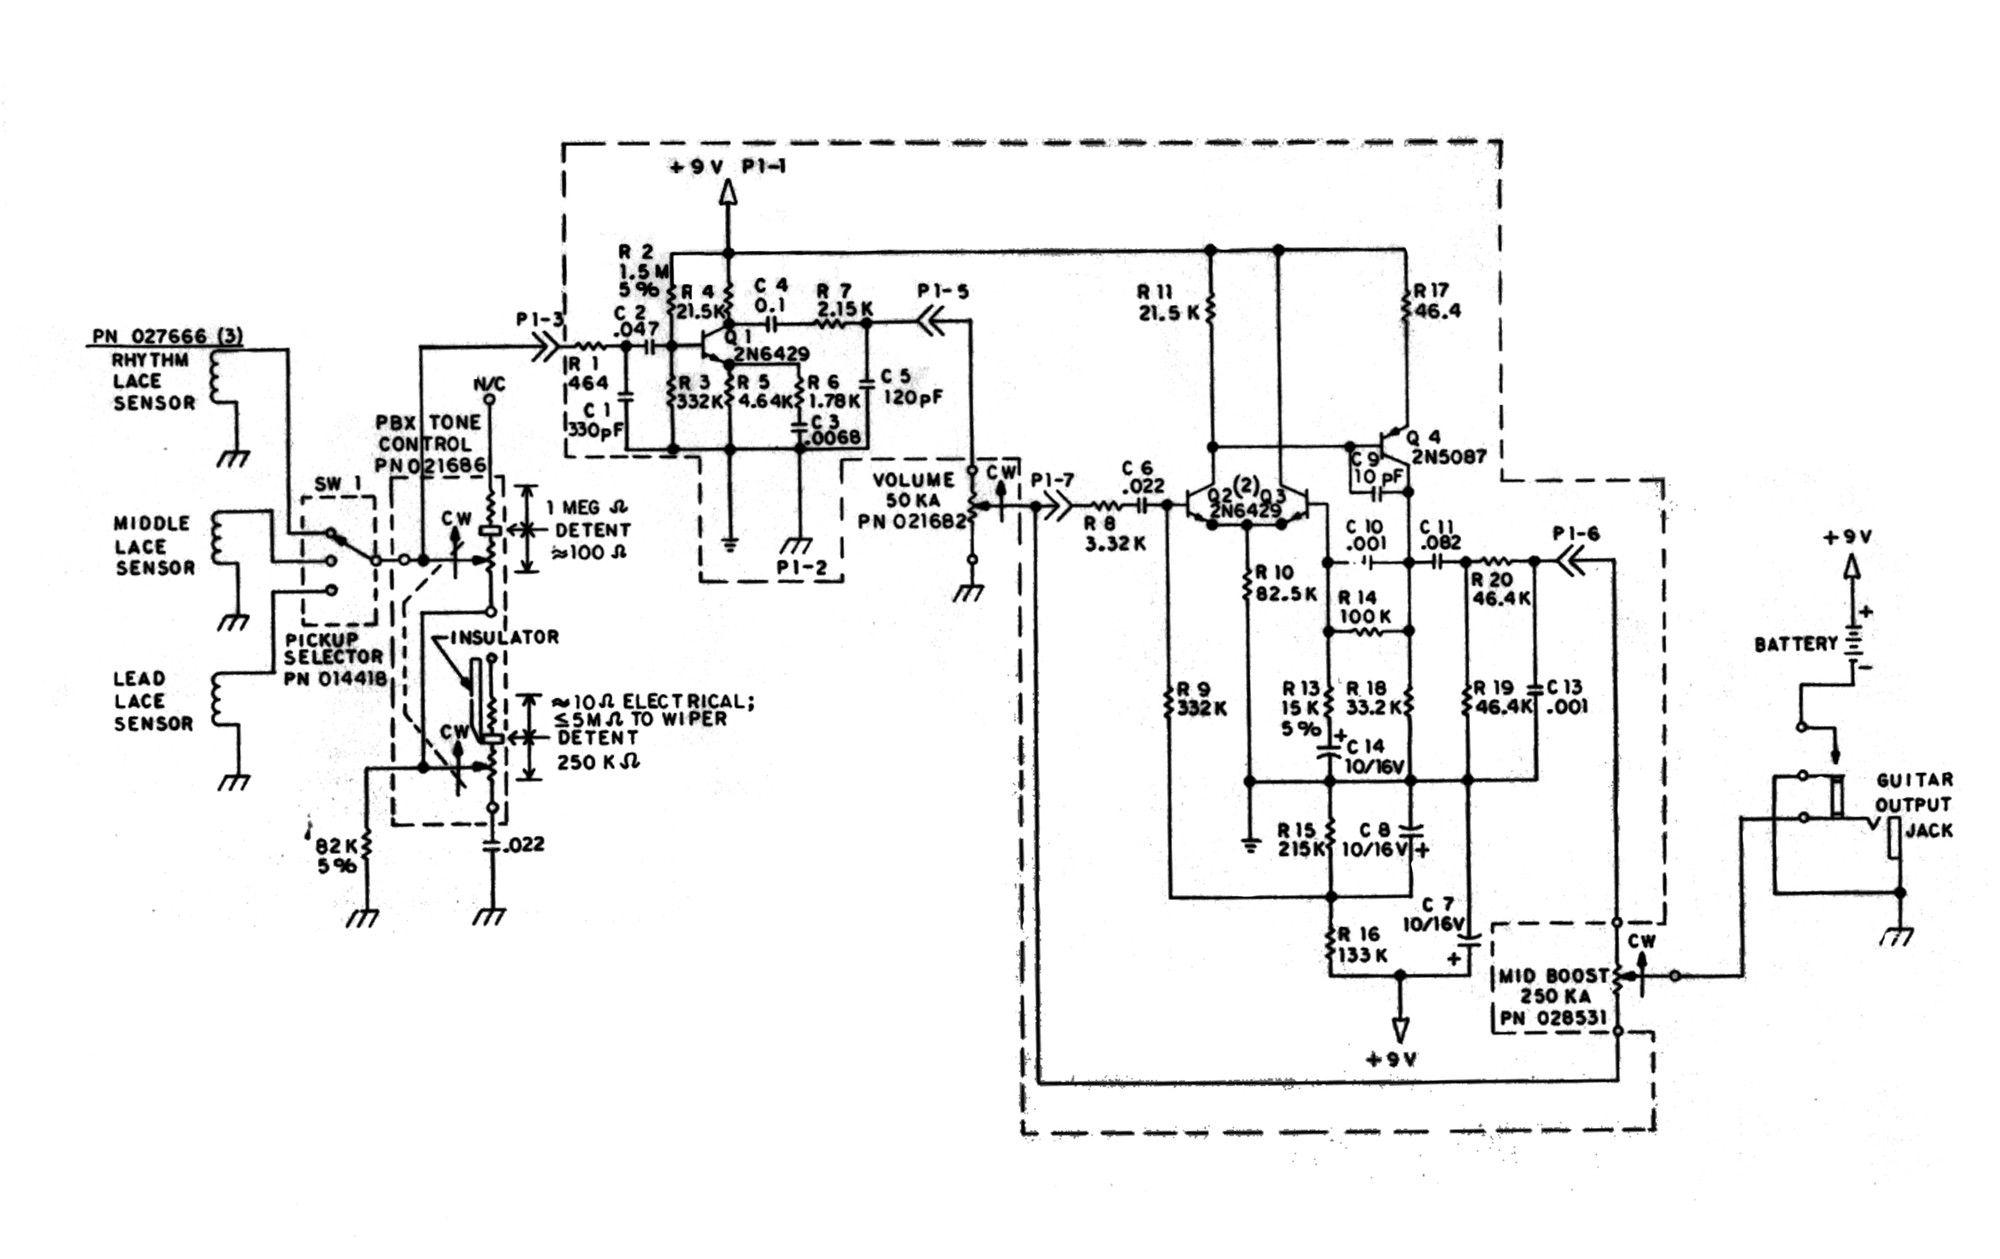 fender jazz bass wiring diagram series